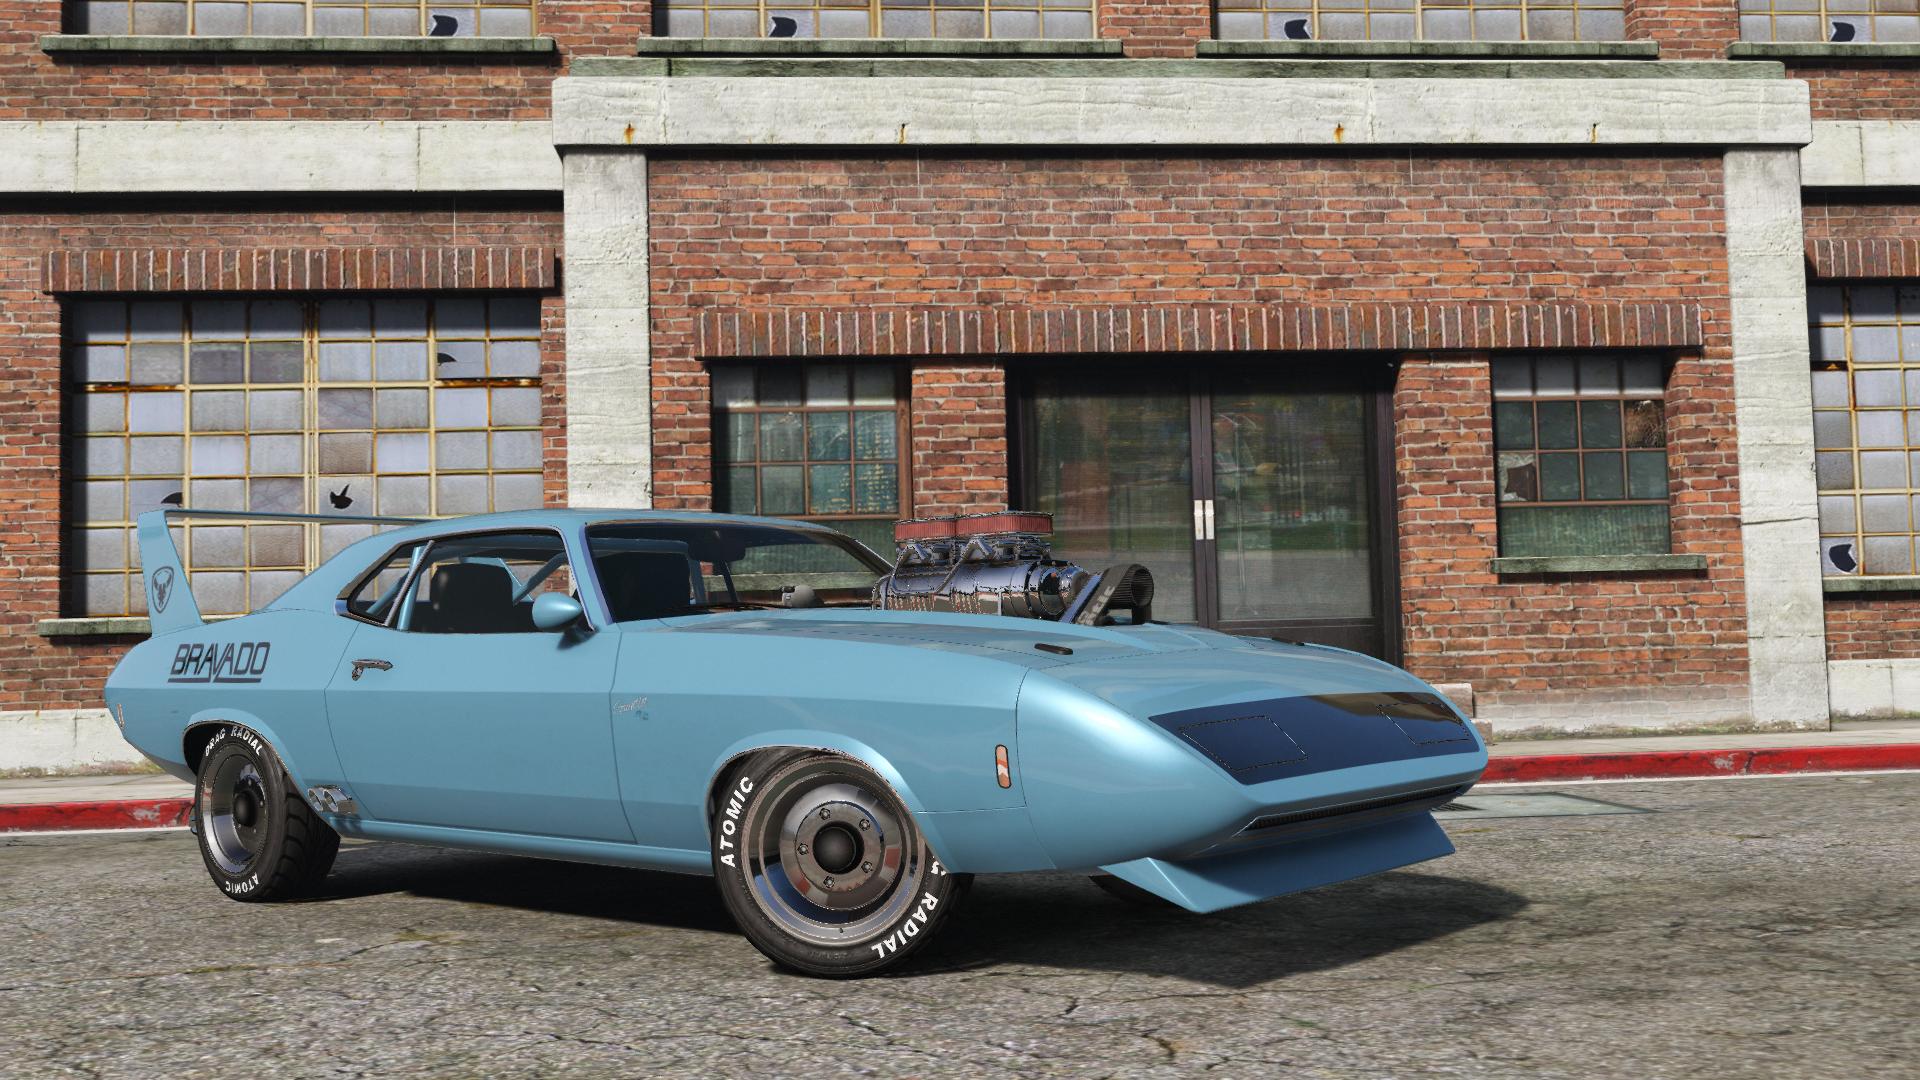 Grand_Theft_Auto_V_Screenshot_2020.08.18